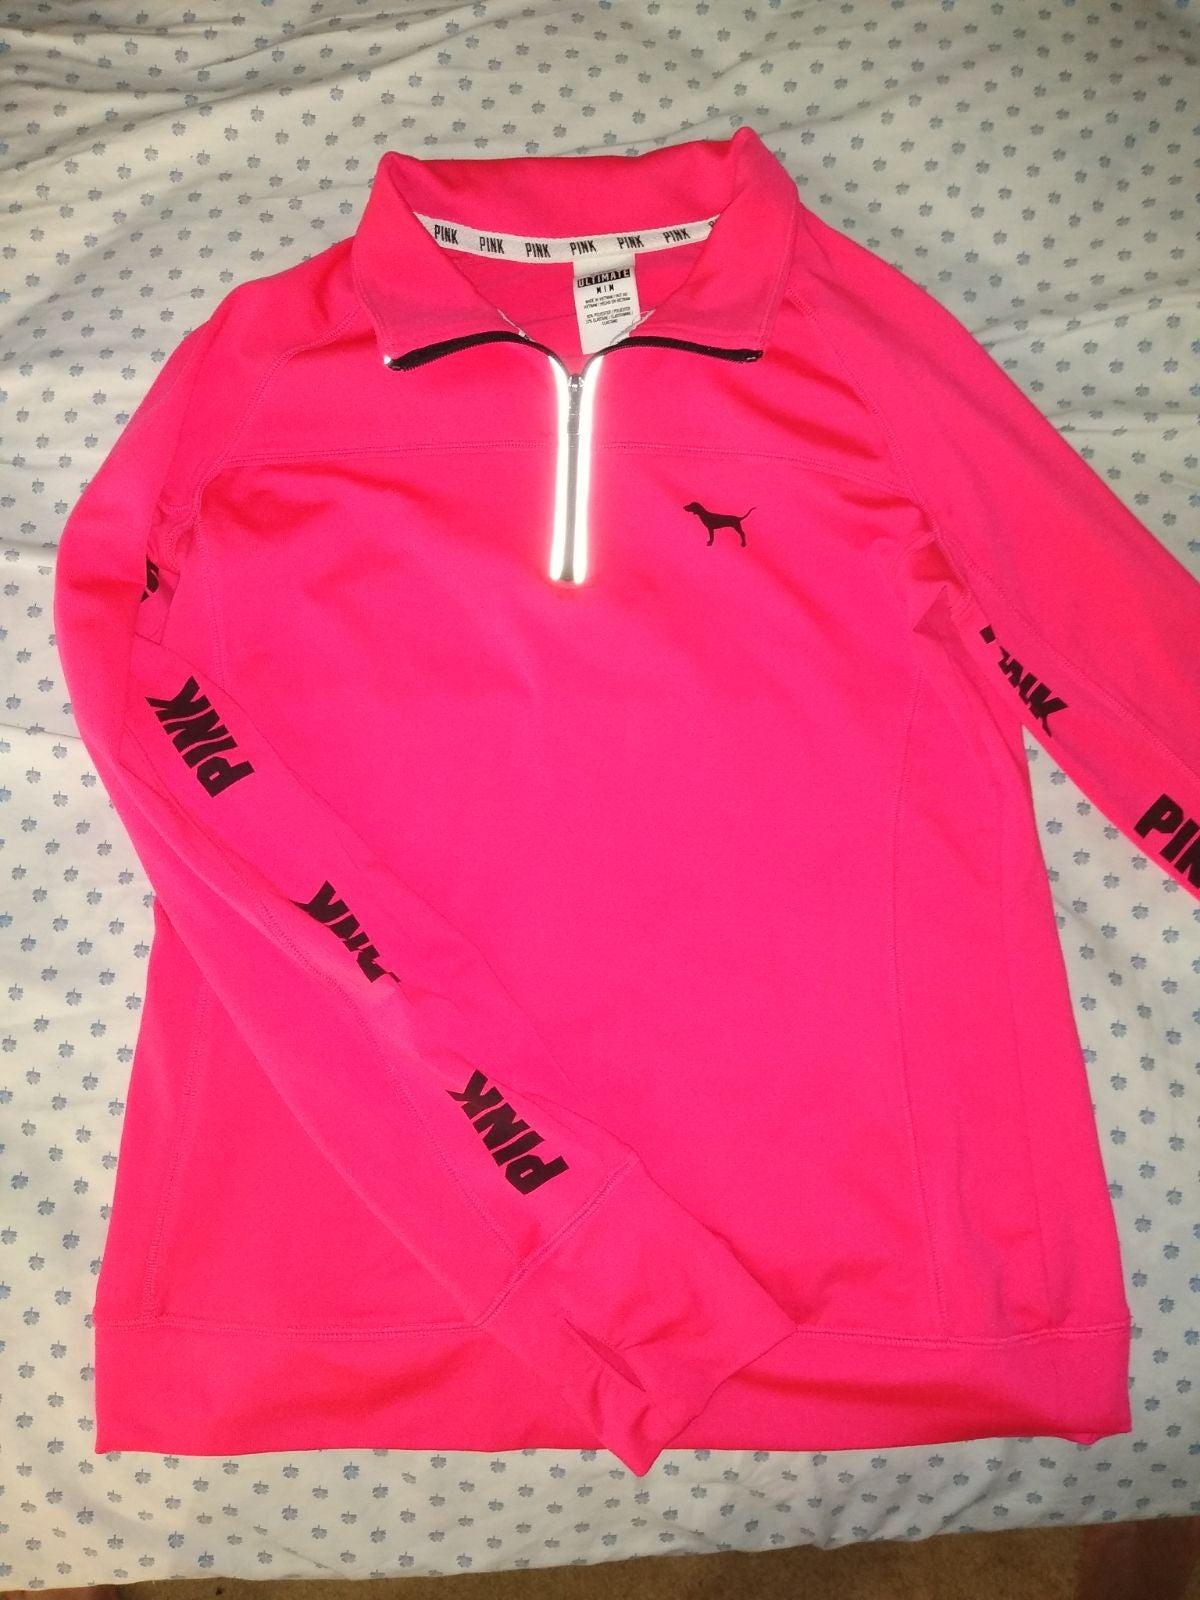 Victoria secret PINK quarter zip hoodie